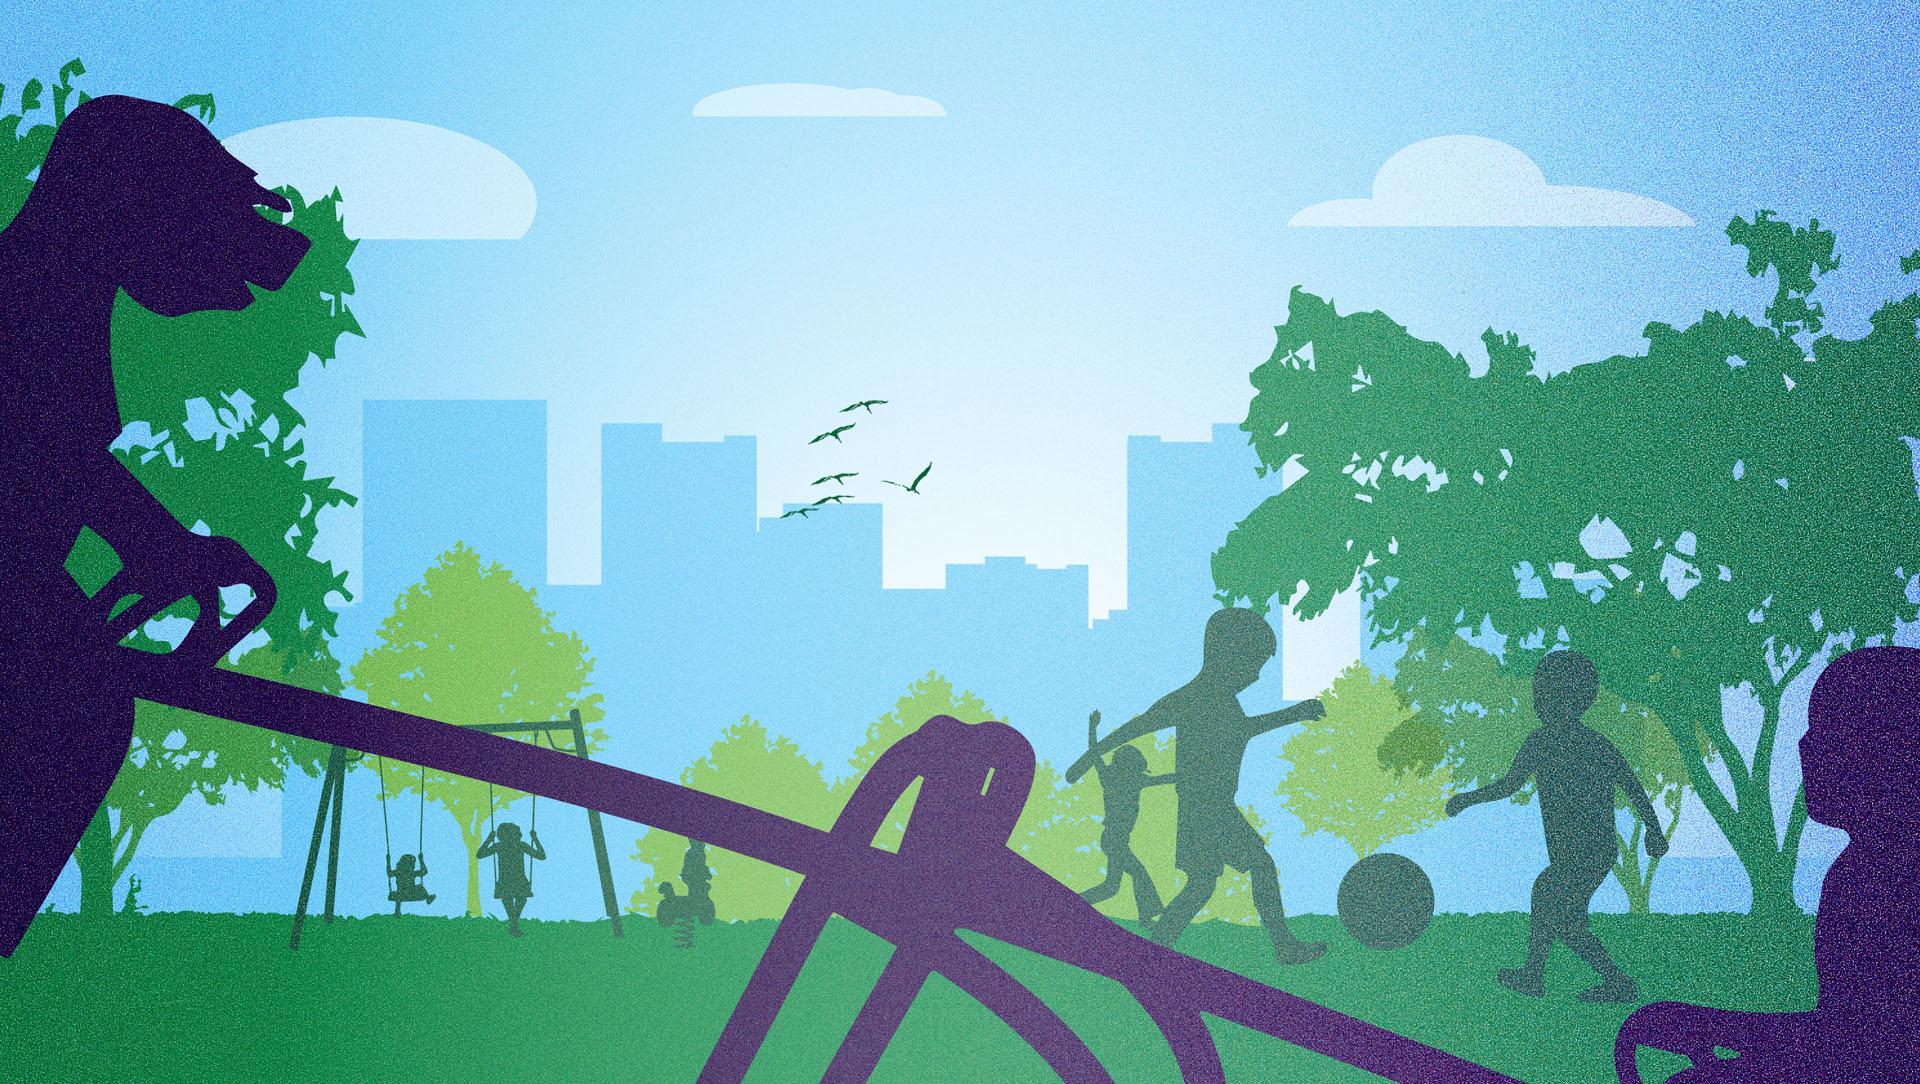 diseño de ilustracion para ilustrar post sobre mejores barrios para vivir con niños kasaz portal inmobiliario diseño grafico